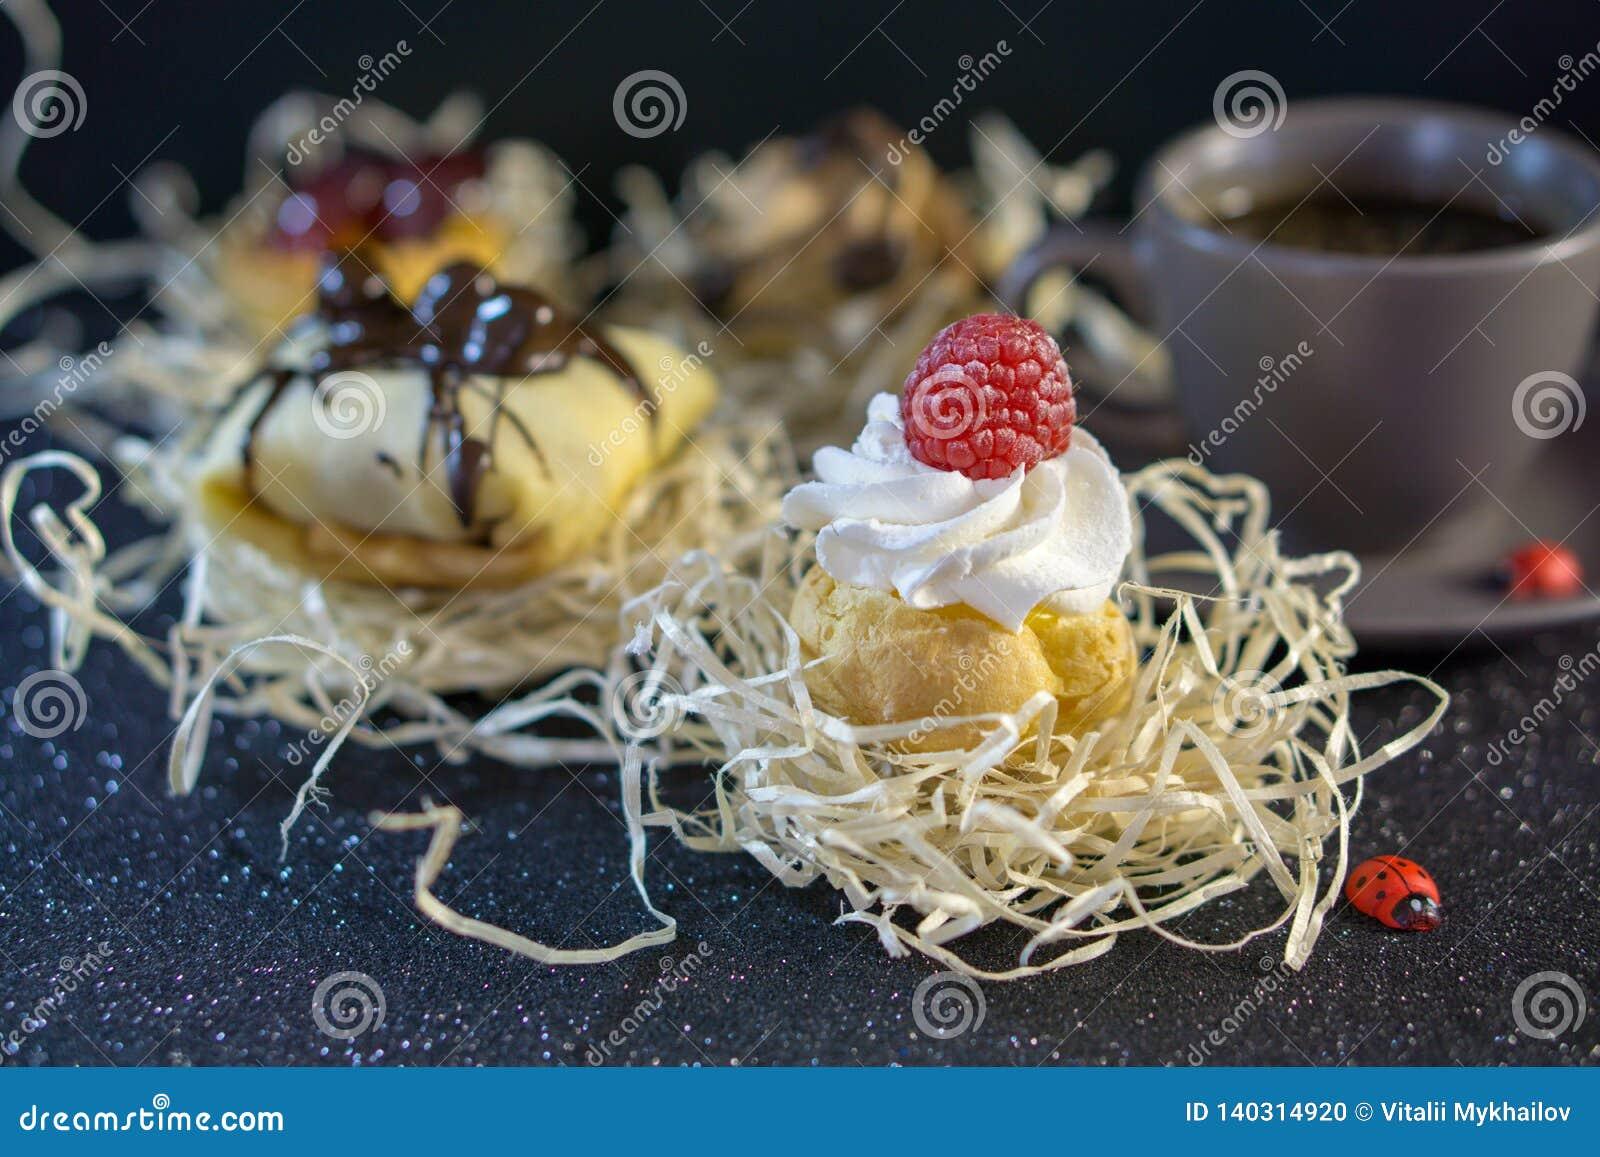 Boscy ciasta z malinkami i śmietanką, z dnem pod tortem, zamazują tło z innym a i ciastami